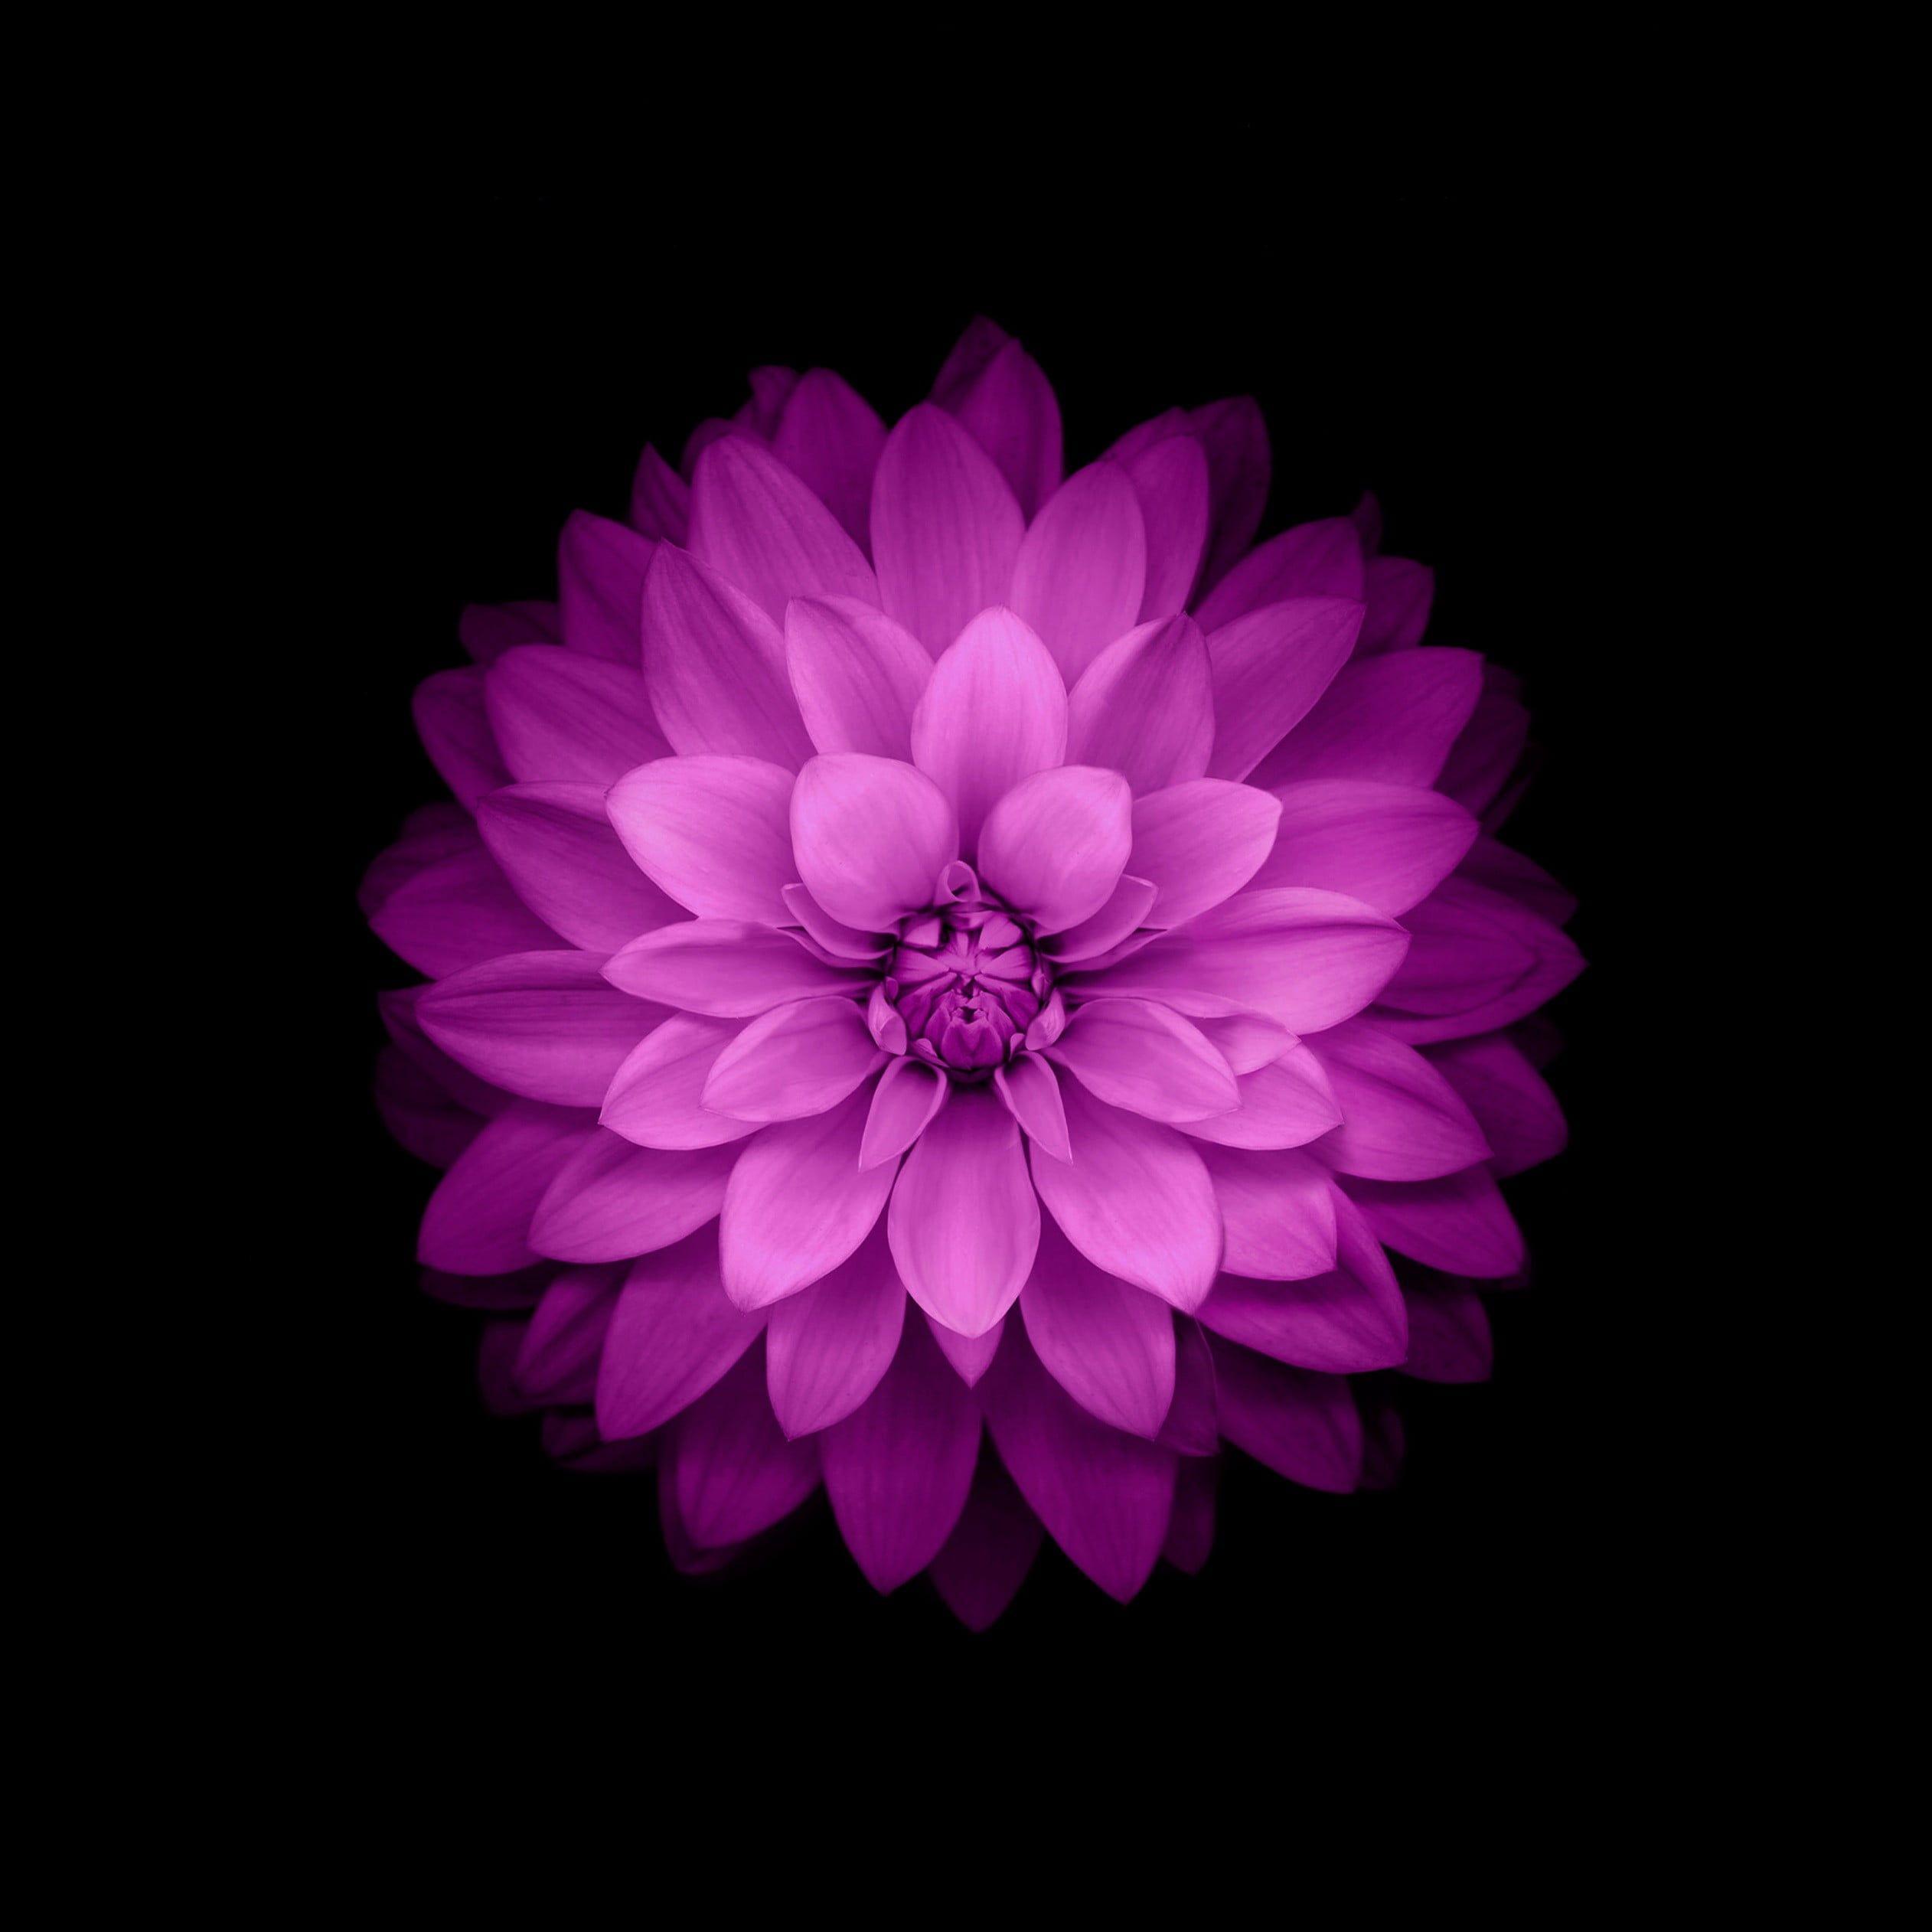 Purple Dahlia Flower Ios Wallpaper Purple Petaled Flower In Dark Room Flowers Purple In 2020 Flower Iphone Wallpaper Purple Flowers Wallpaper Iphone 6 Plus Wallpaper